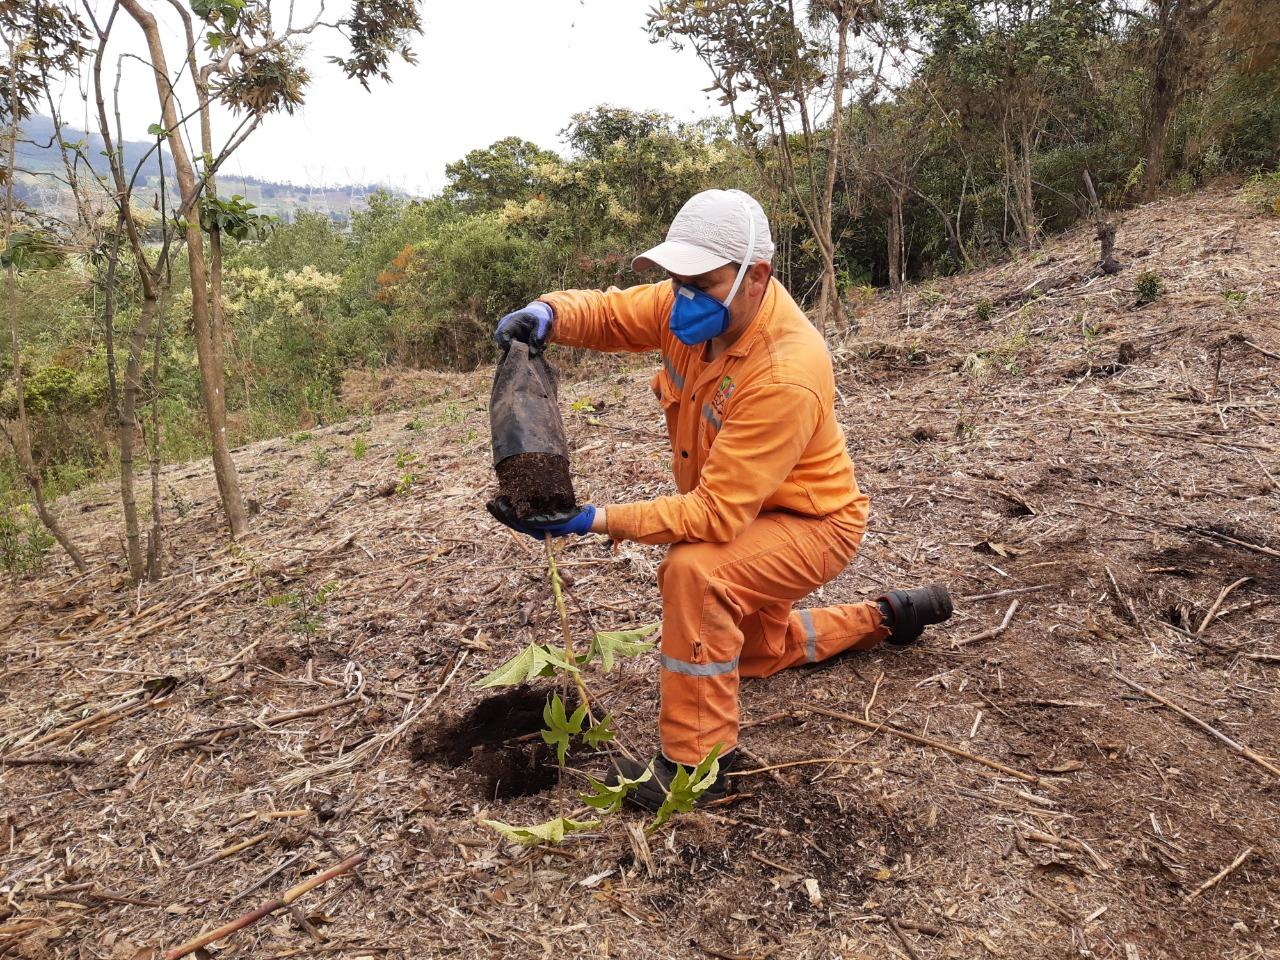 Minambiente sigue sumando aliados a la meta de sembrar 180 millones de árboles nativos